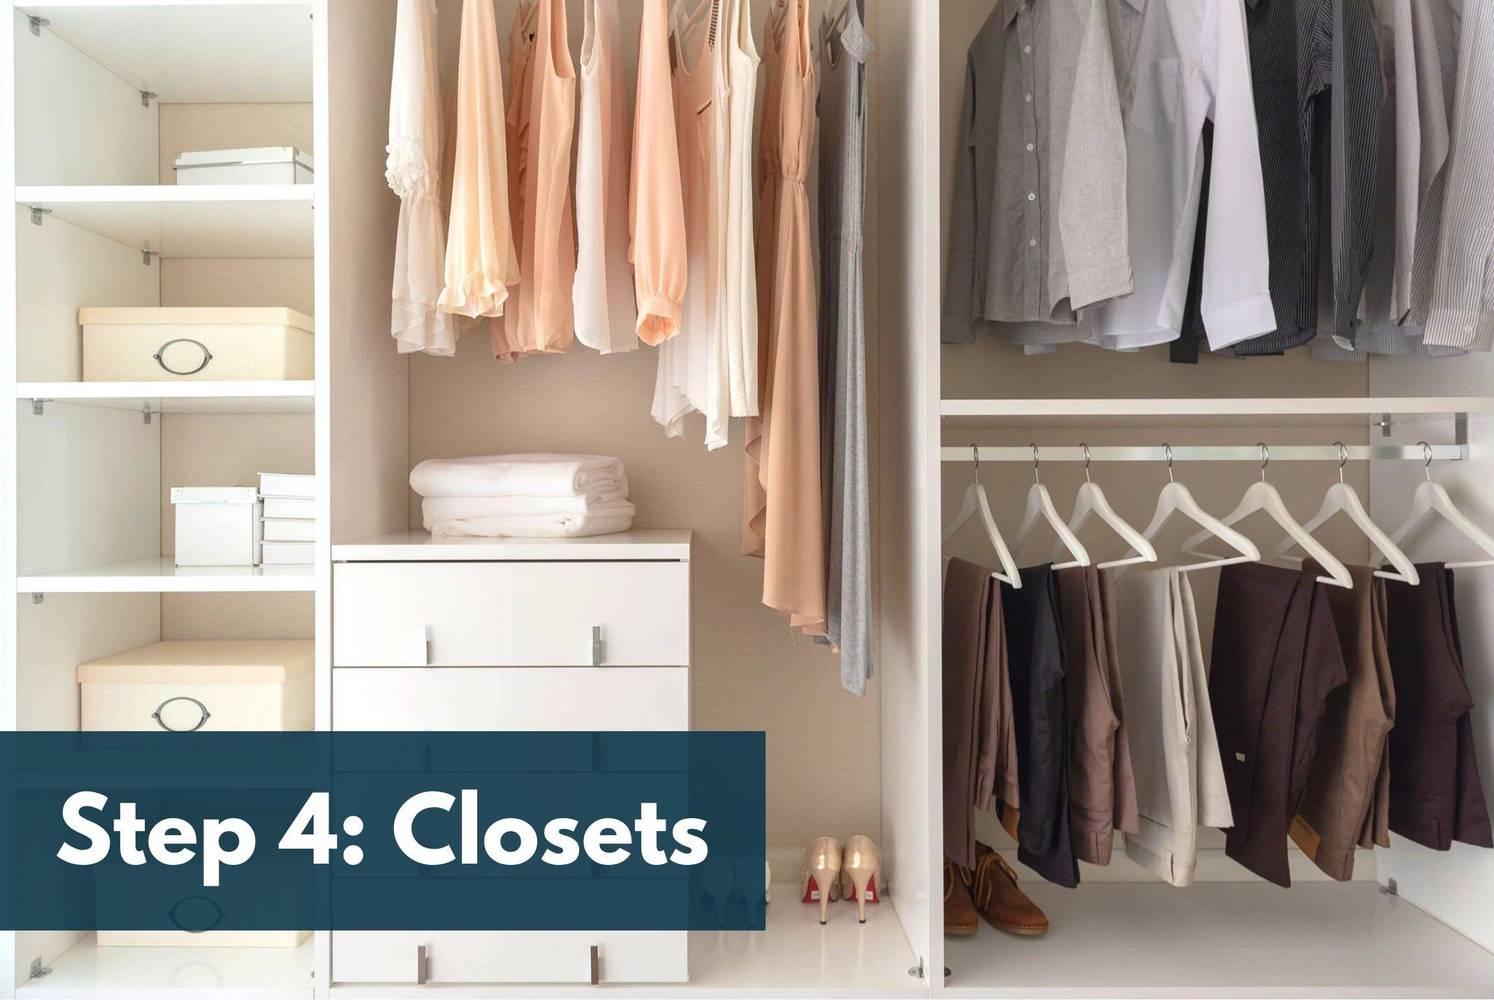 Step 4: Closets